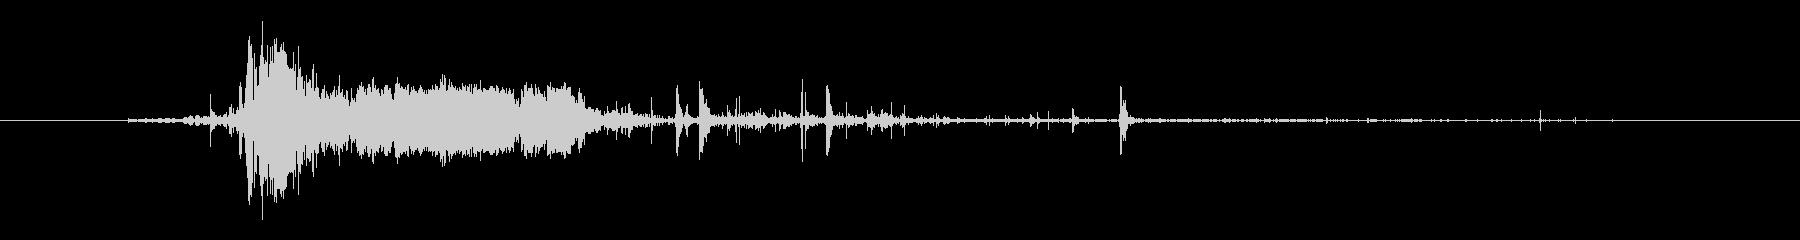 ゴア リップボーンアンドフレッシュ...の未再生の波形